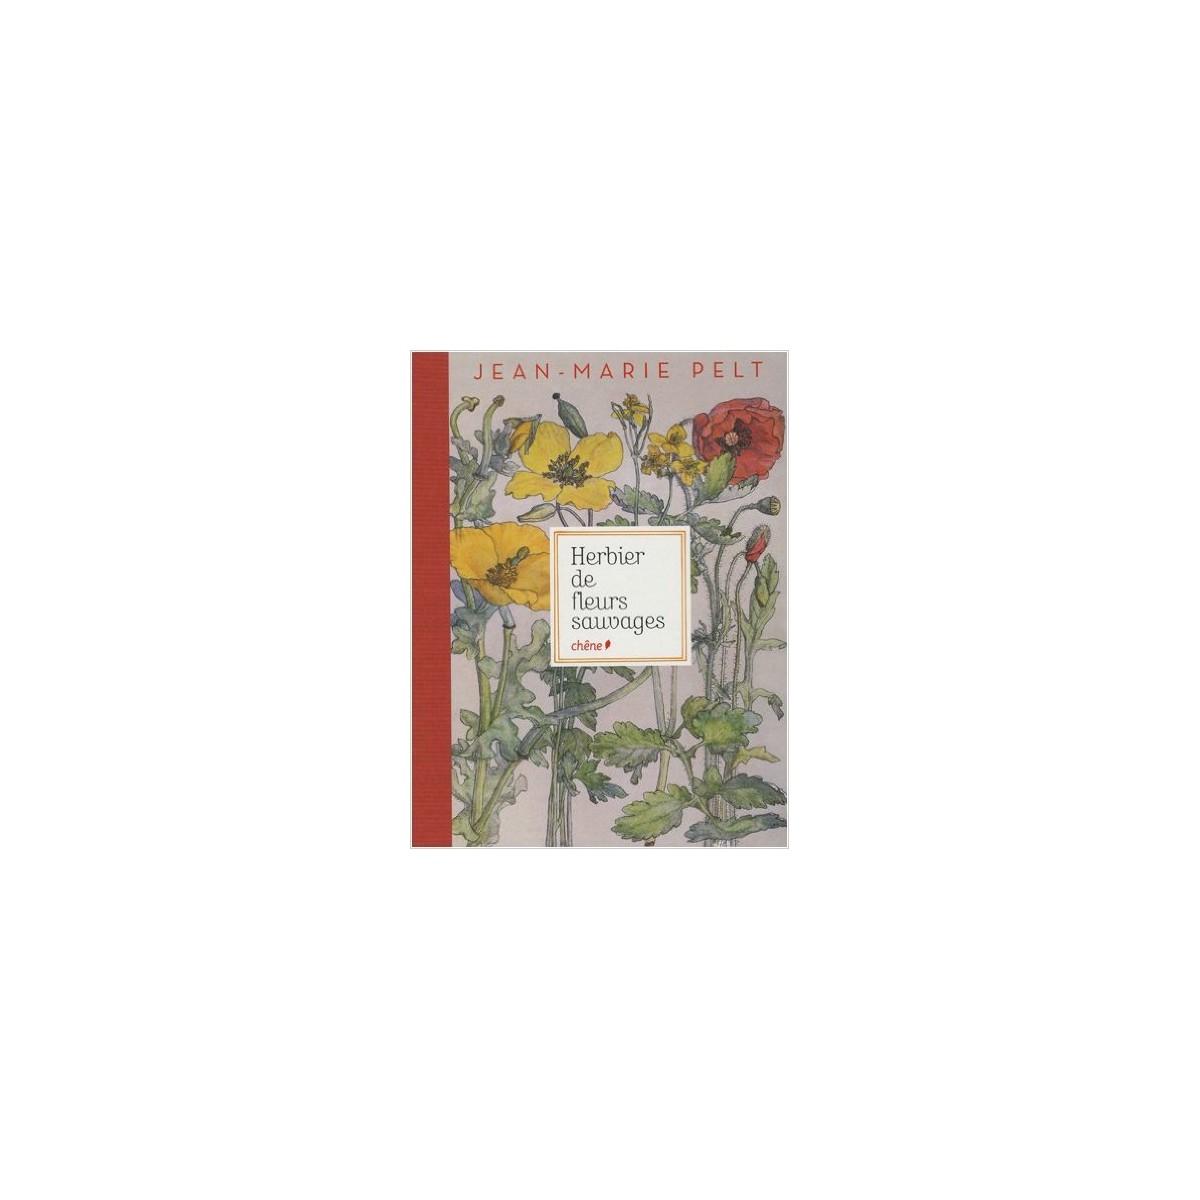 editions chêne - herbier de fleurs sauvages : librairie nature